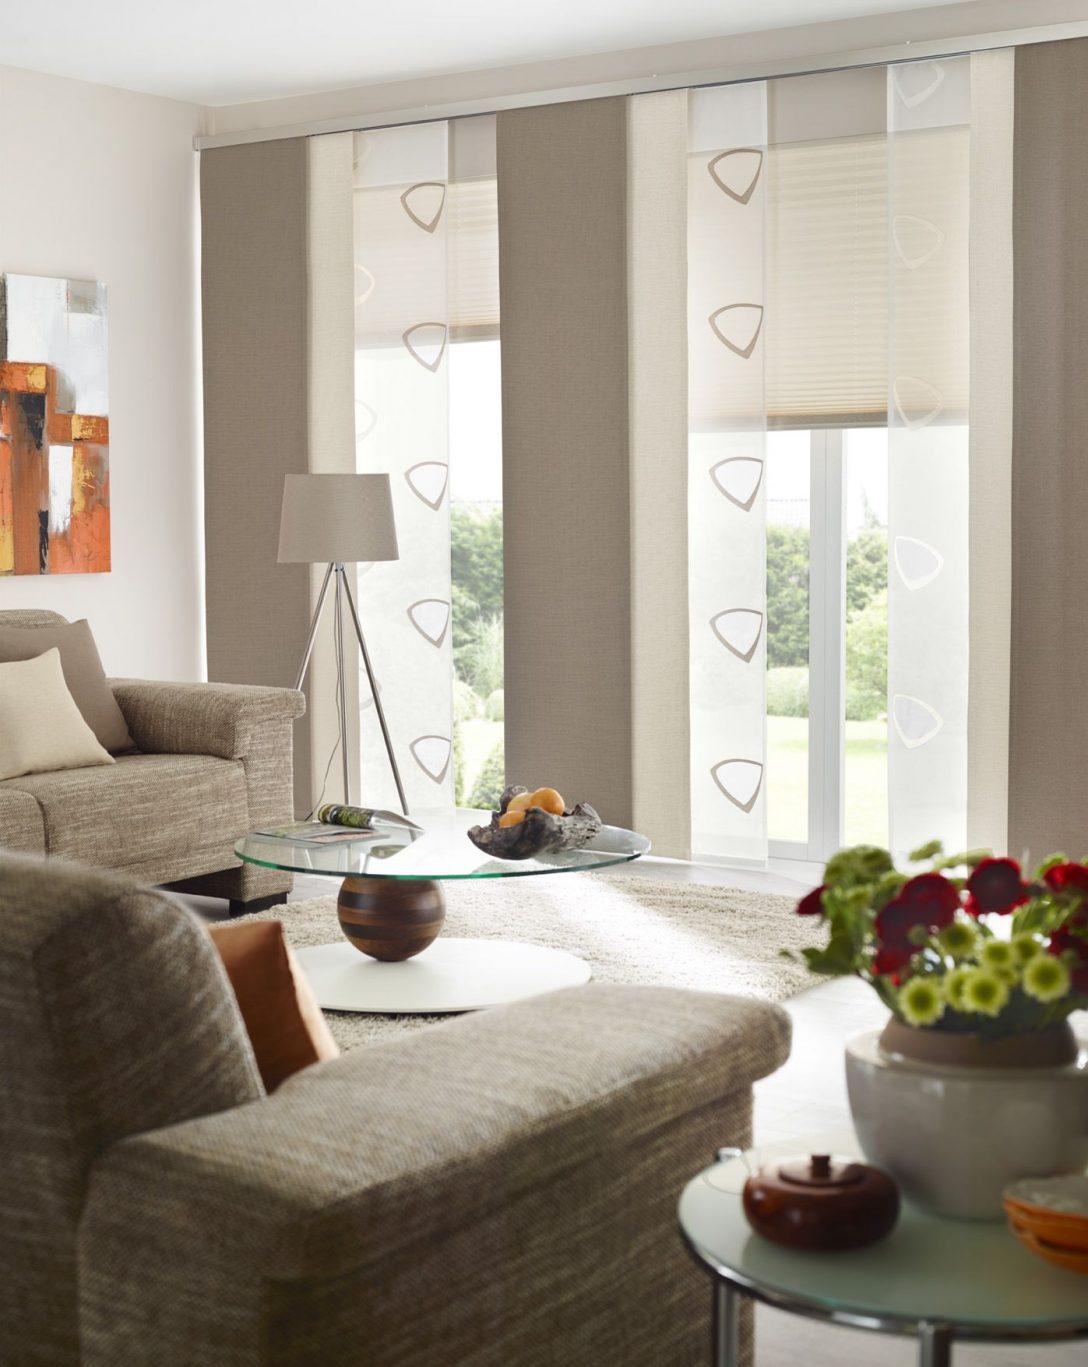 Large Size of Gardinen Wohnzimmer Kurz Modern Fenster Urbansteel Lampen Tapete Küche Deckenleuchte Schlafzimmer Teppiche Moderne Bilder Fürs Tisch Led Beleuchtung Wohnzimmer Gardinen Wohnzimmer Kurz Modern